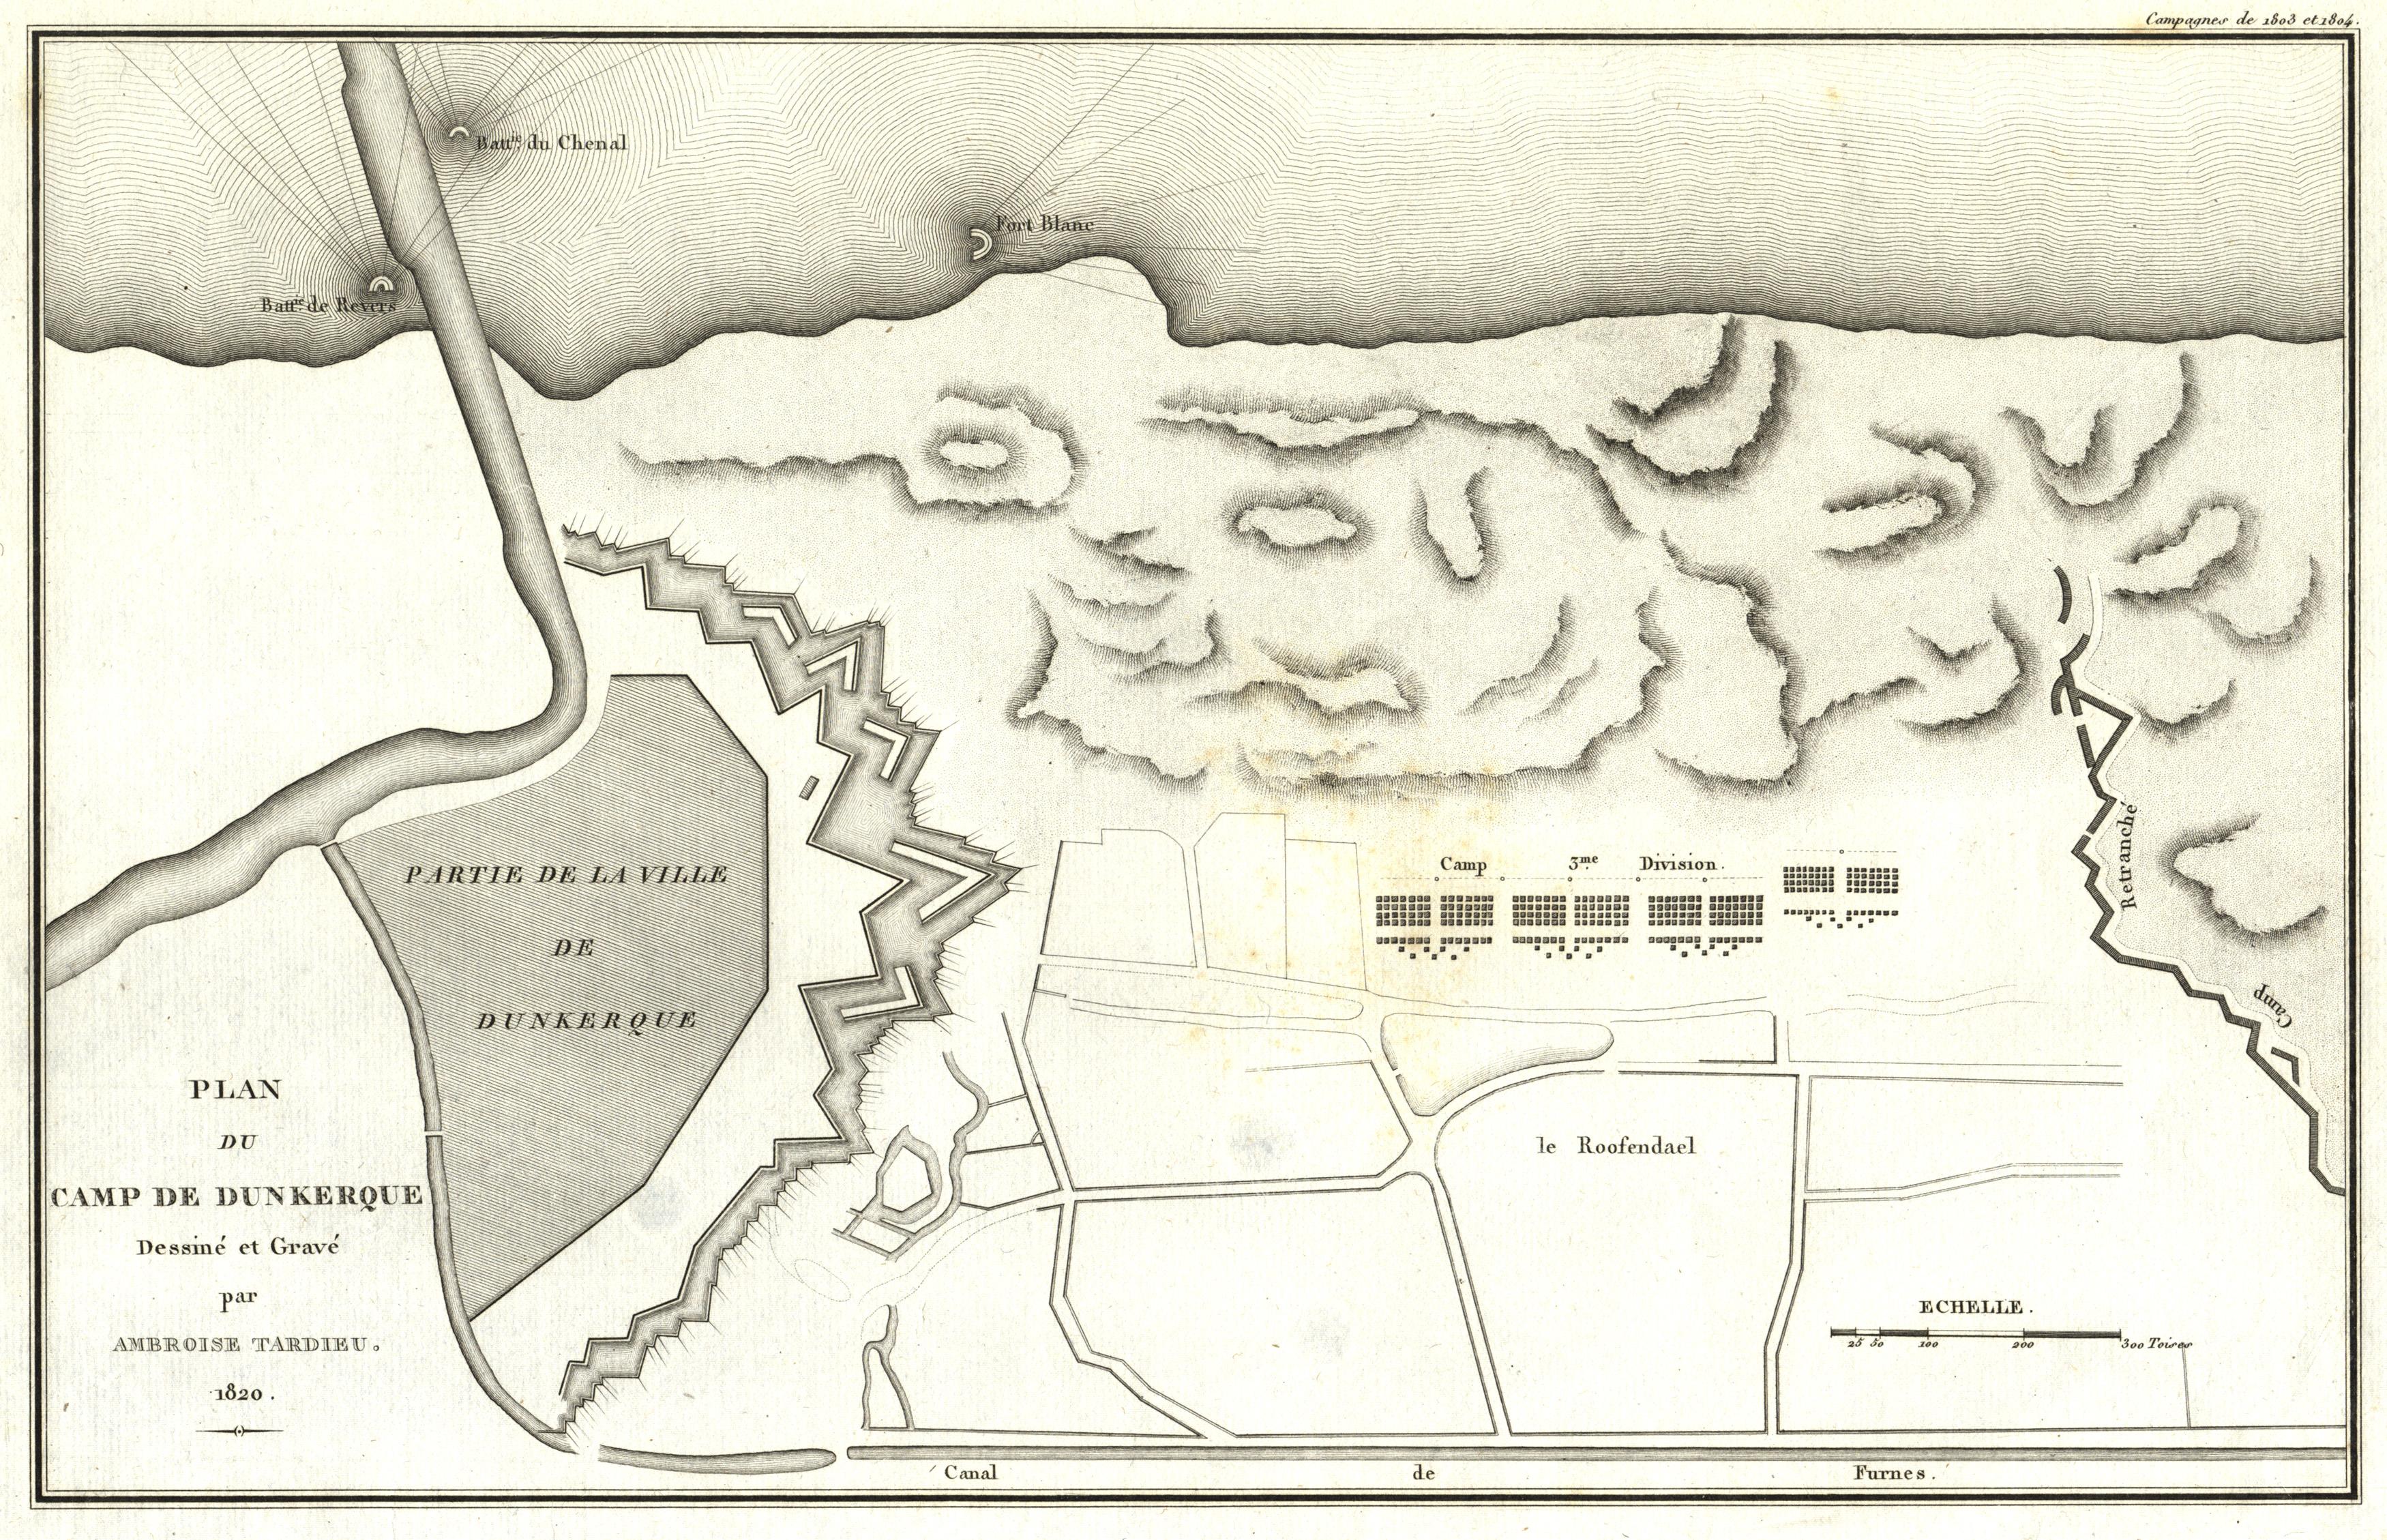 Kupferstichkarte von Ambroise Tardieu, Paris, um 1820,: Dünkirchen: